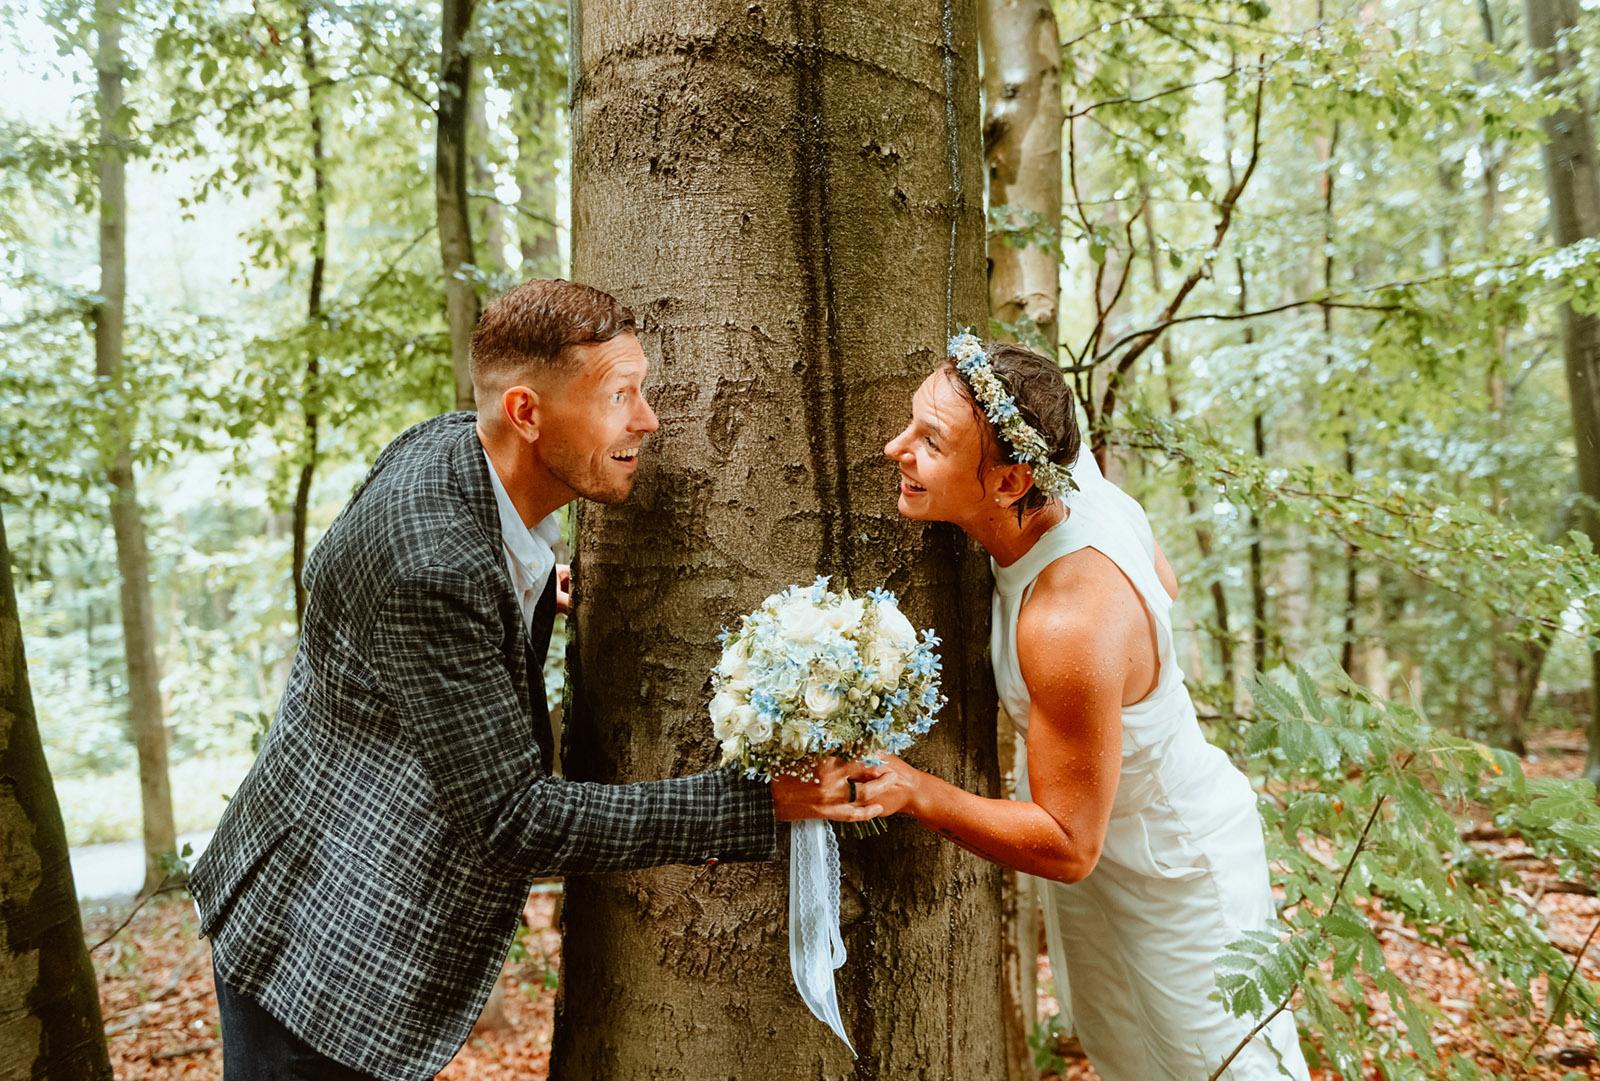 Brautpaar am Baum fotografiert von Honeylight